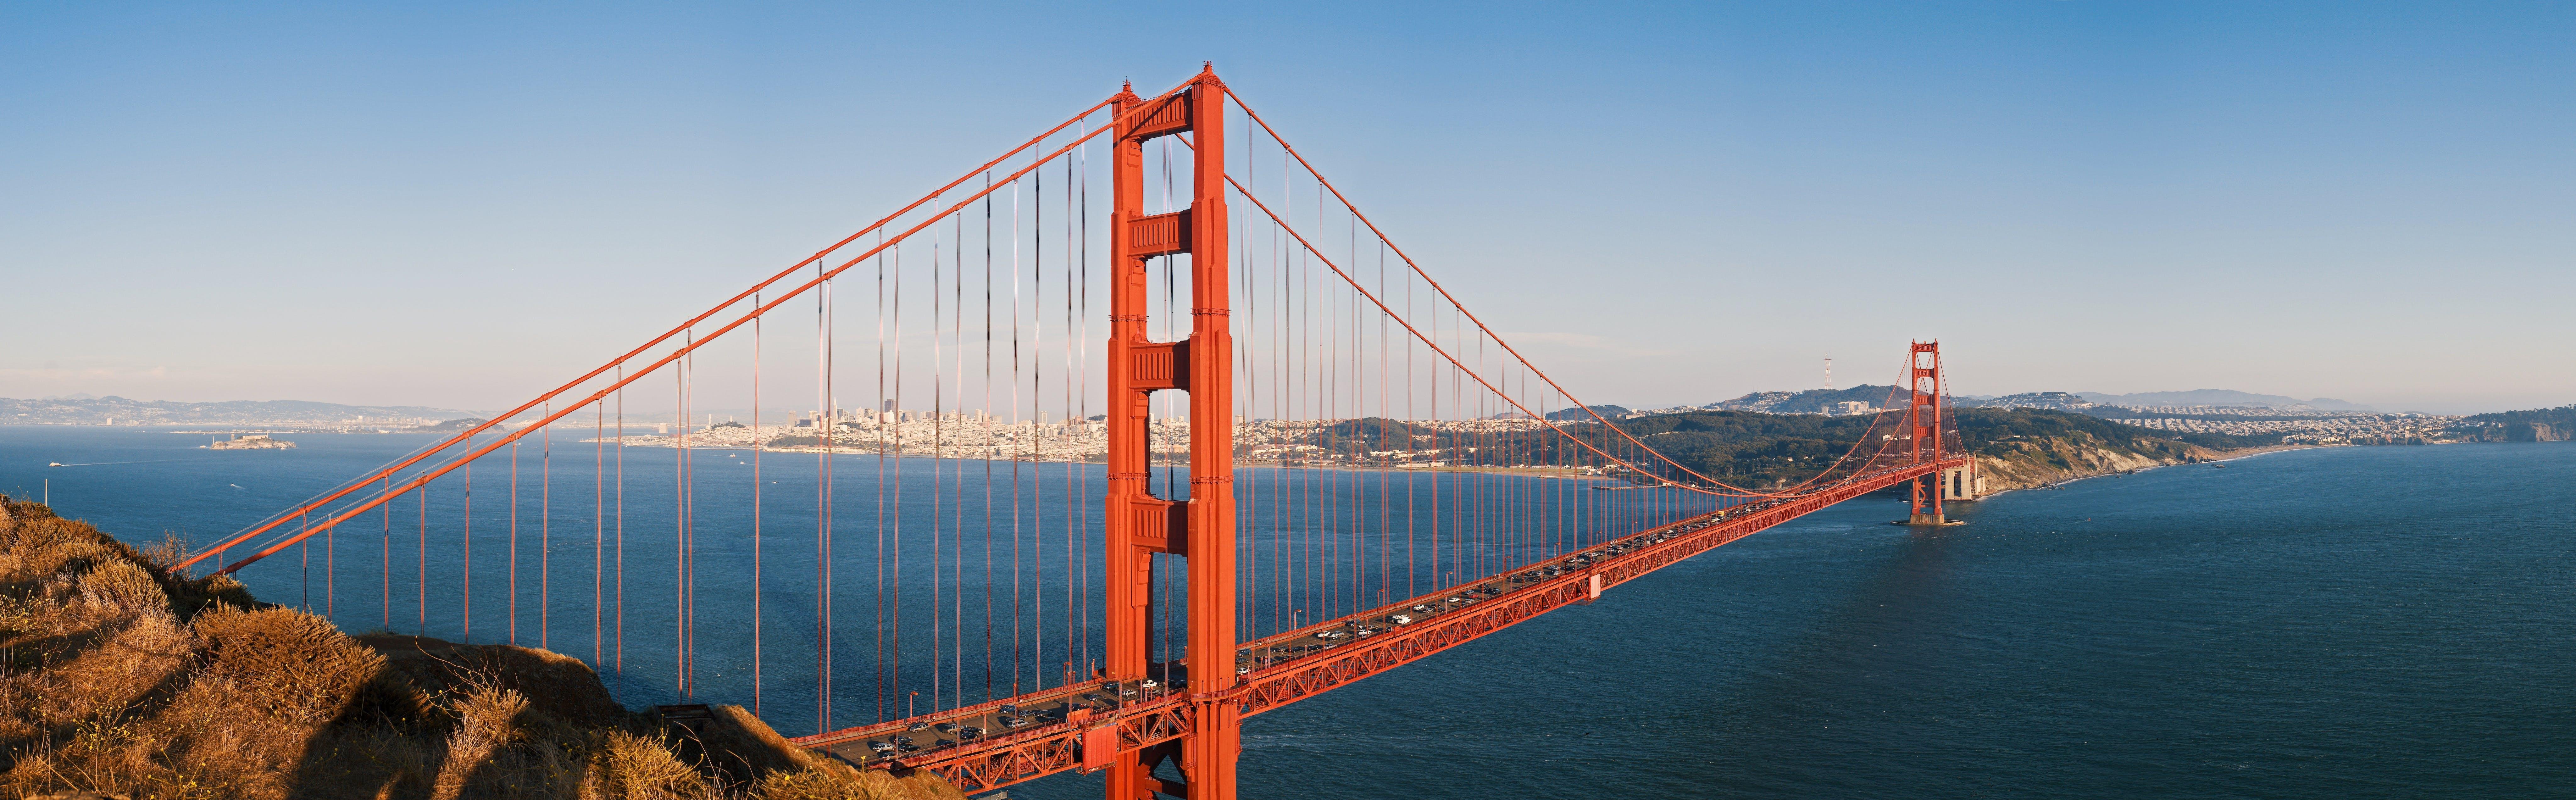 architecture, bay, bridge